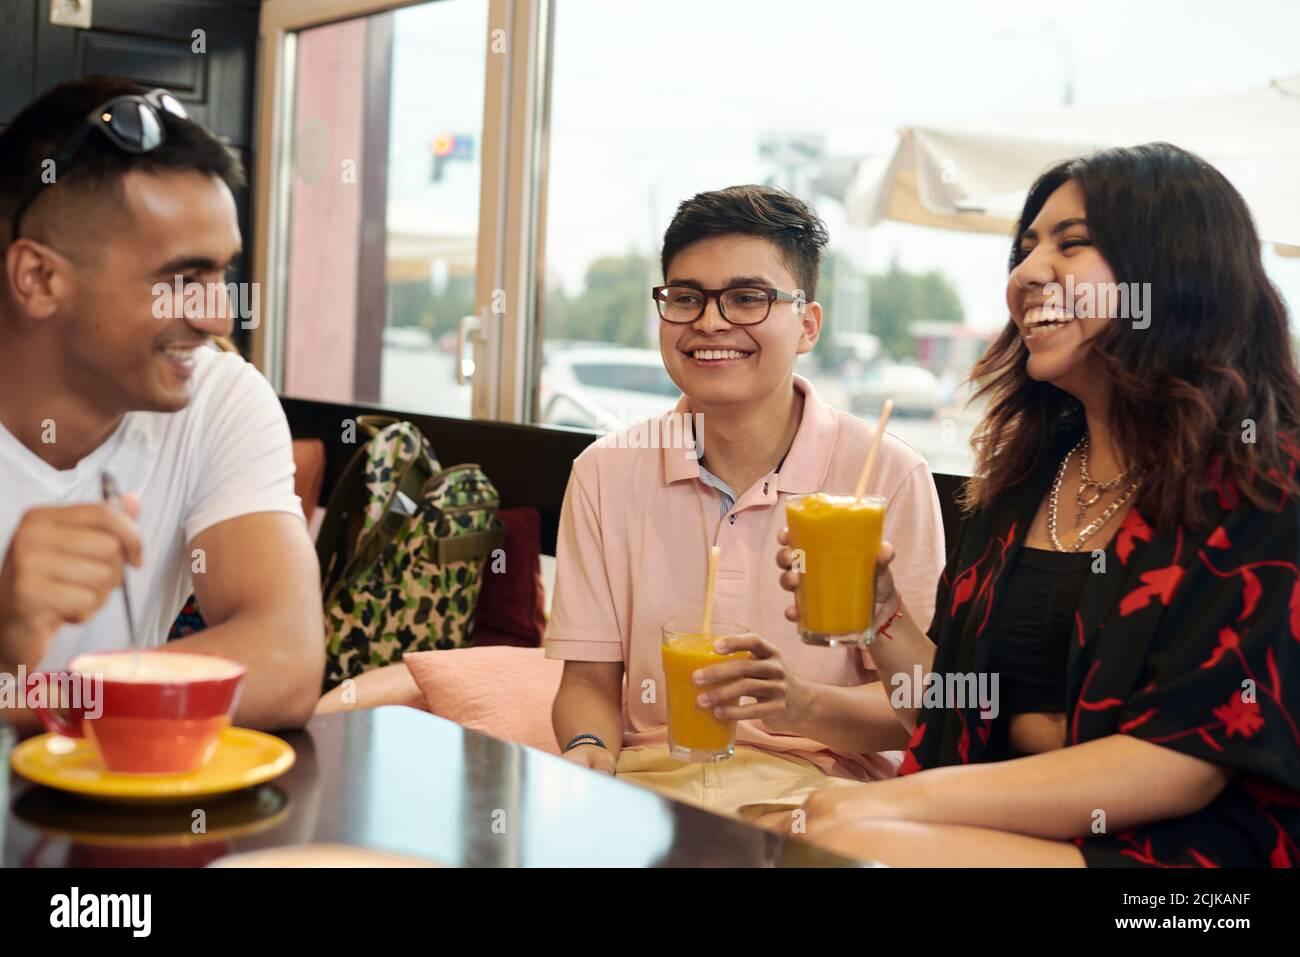 Reunión de amigos. Tres amigos multiétnicos están discutiendo algo y se ríen de ello. Foto de stock